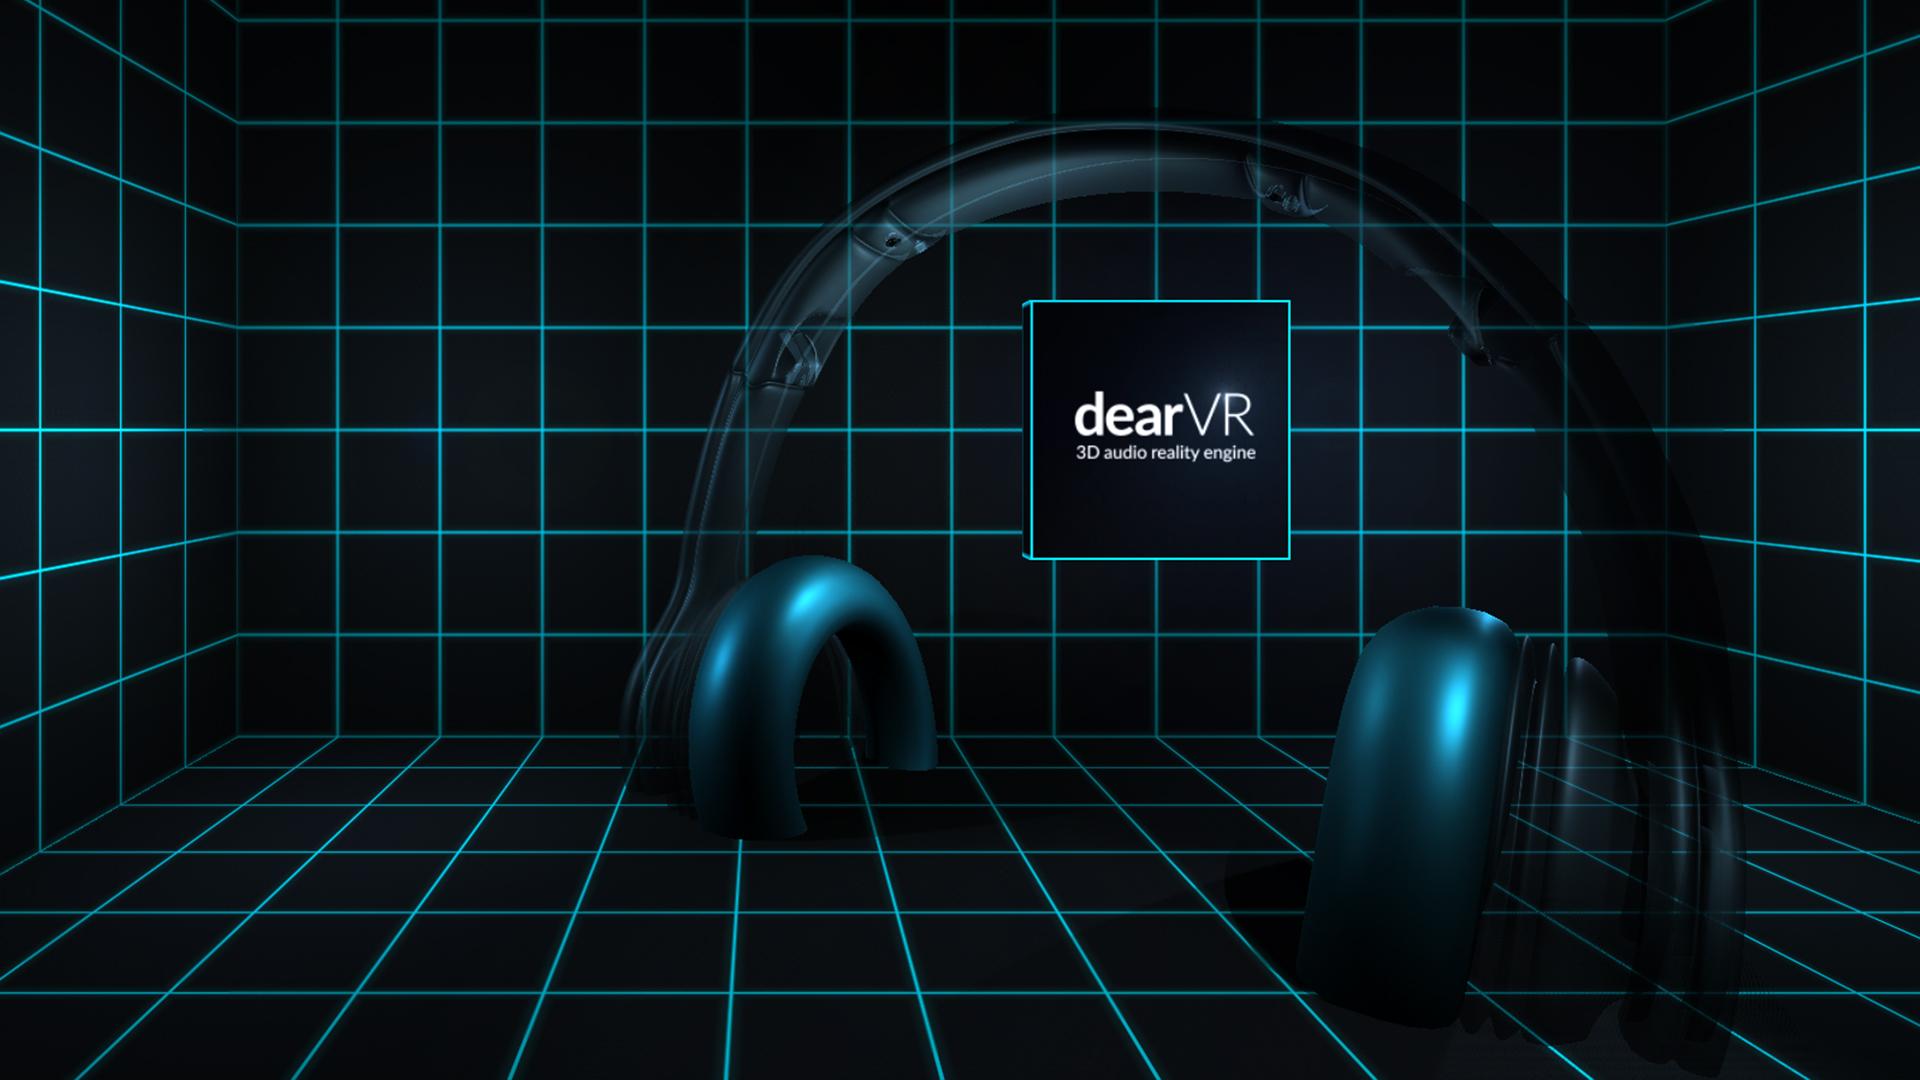 dearVR_Headphone.jpg